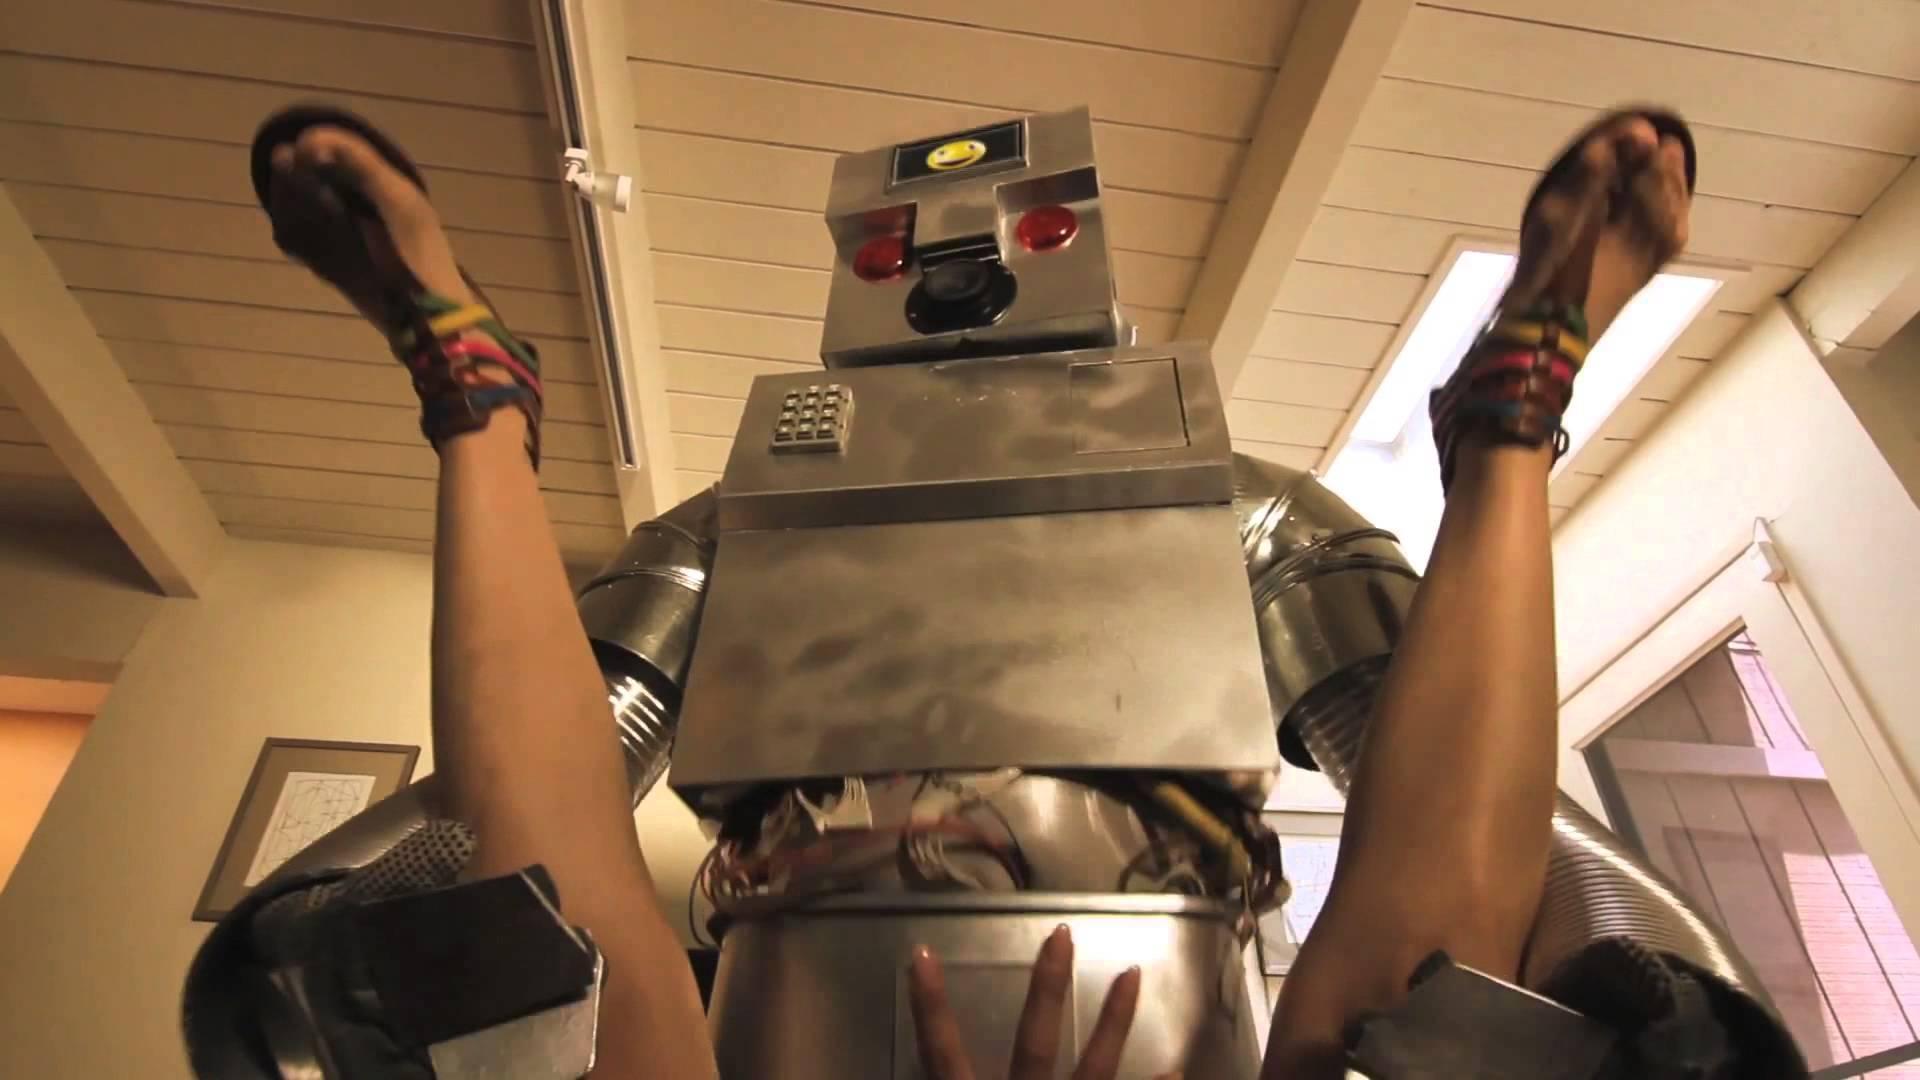 Секс з роботом відео 5 фотография